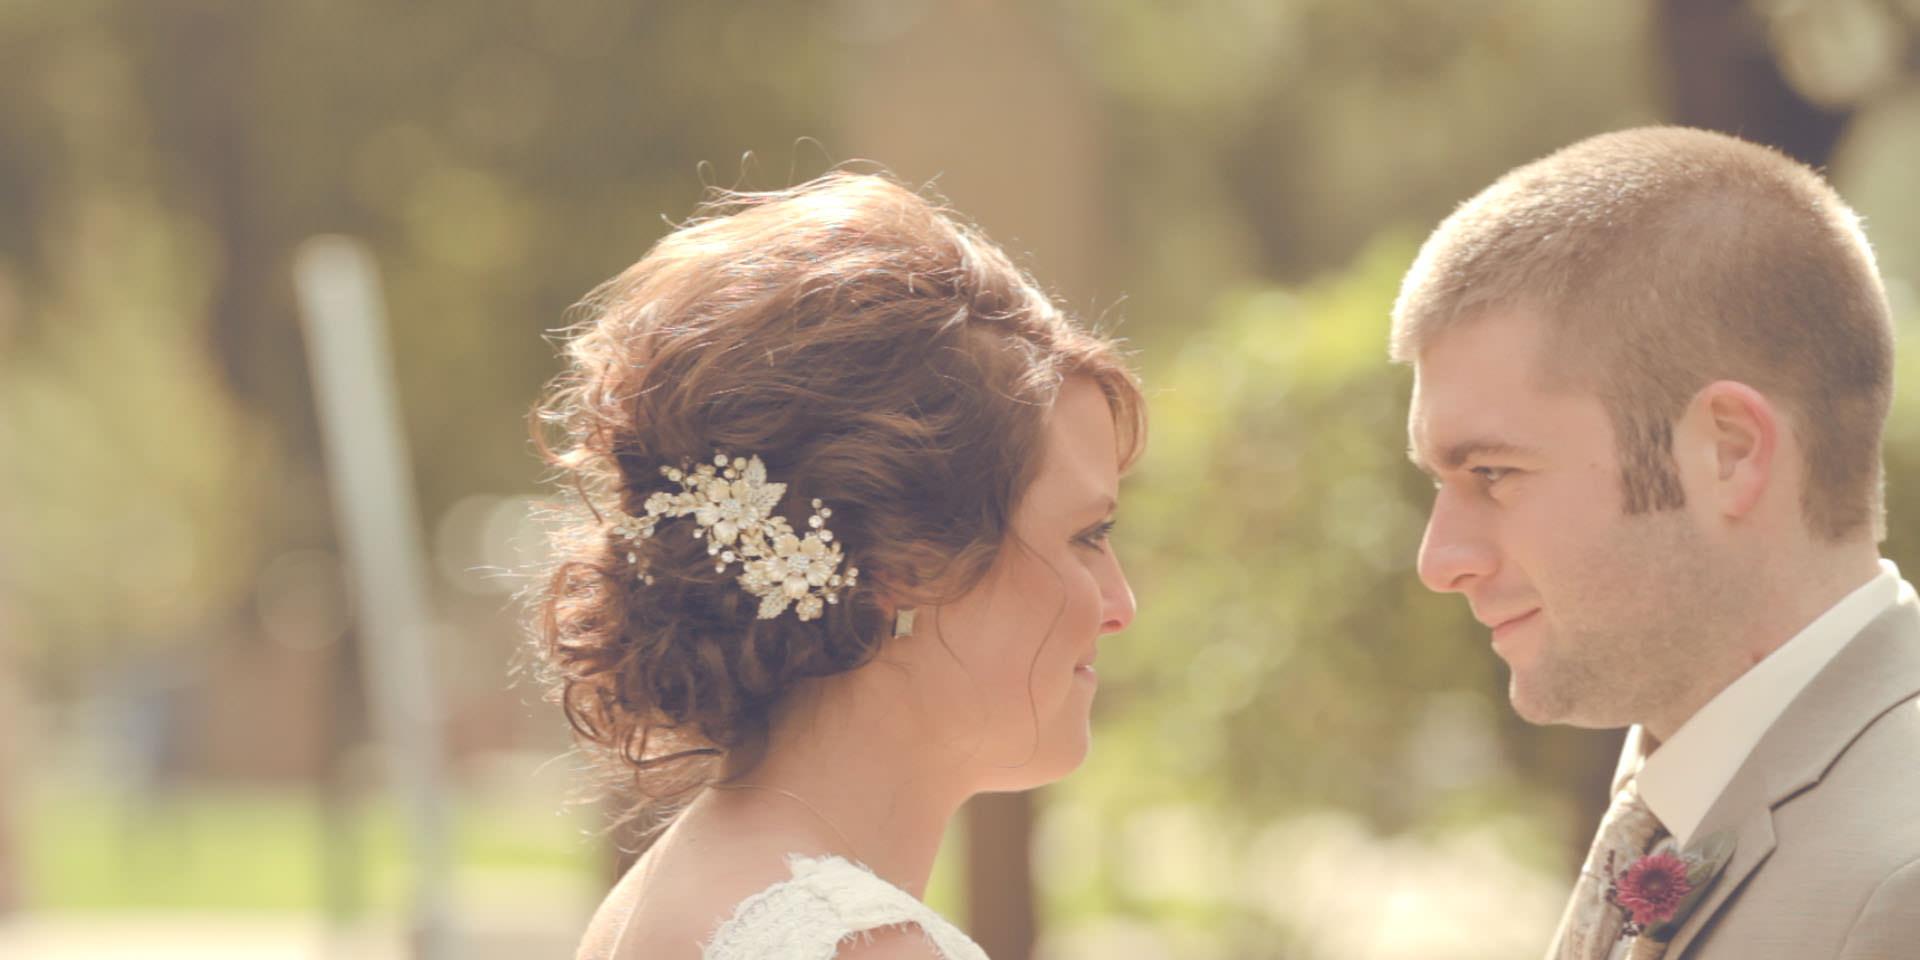 wedding story.00_11_49_09.Still009.jpg